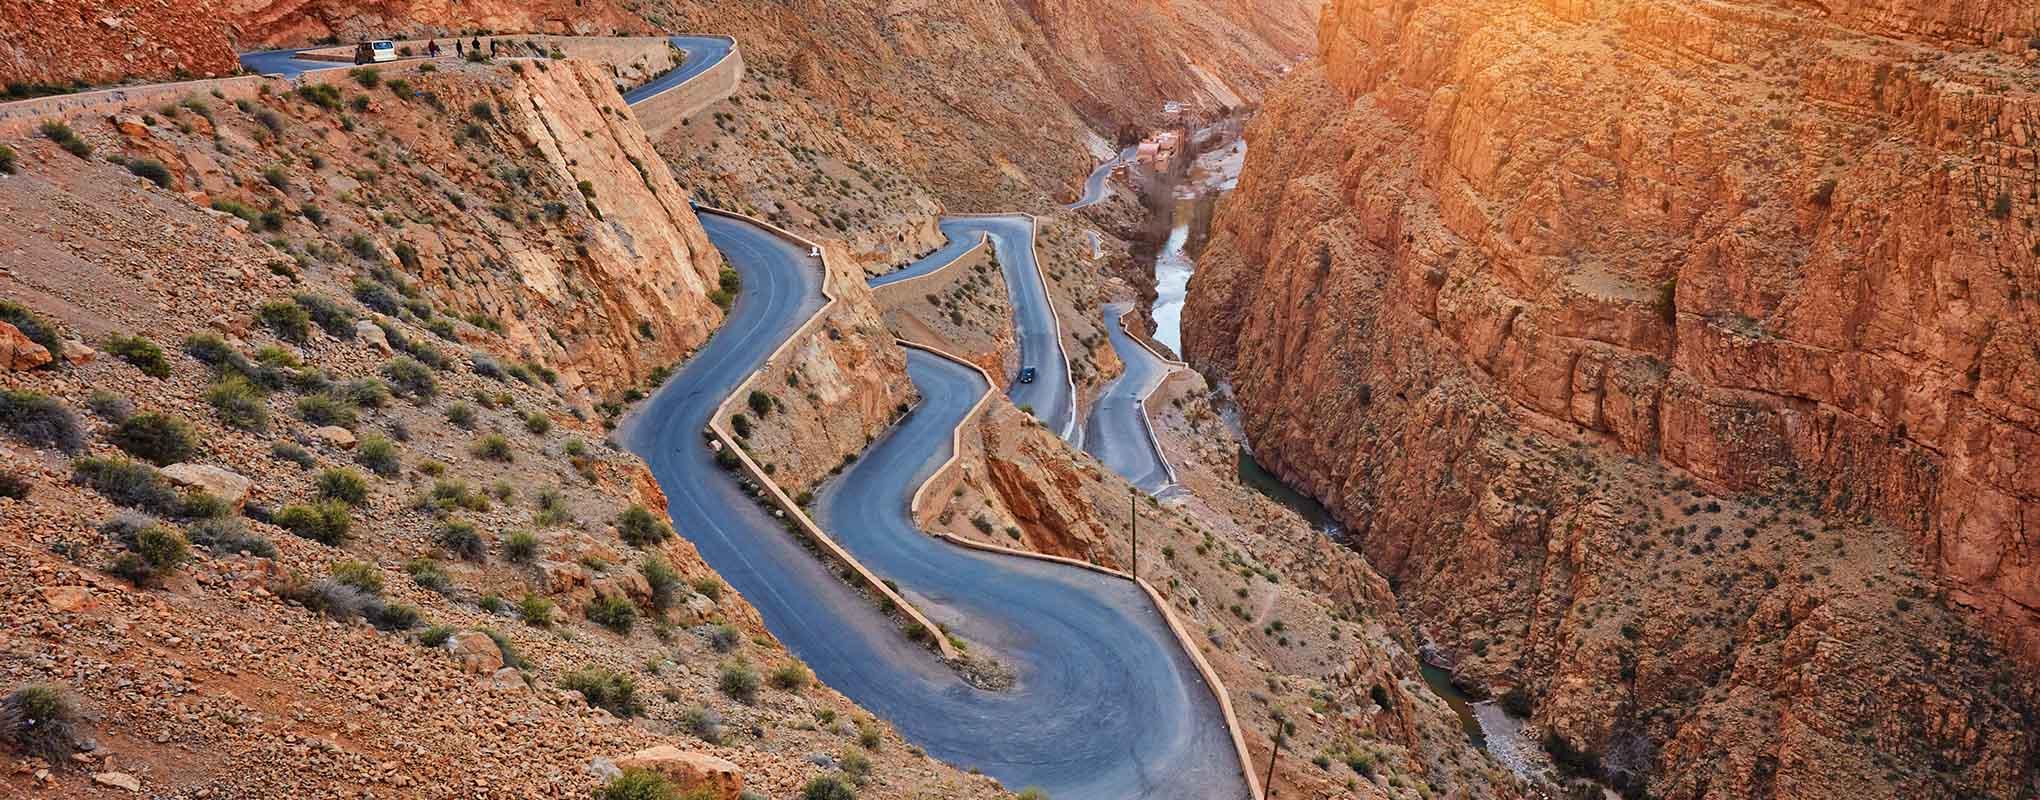 Gargantas del Dades Marruecos